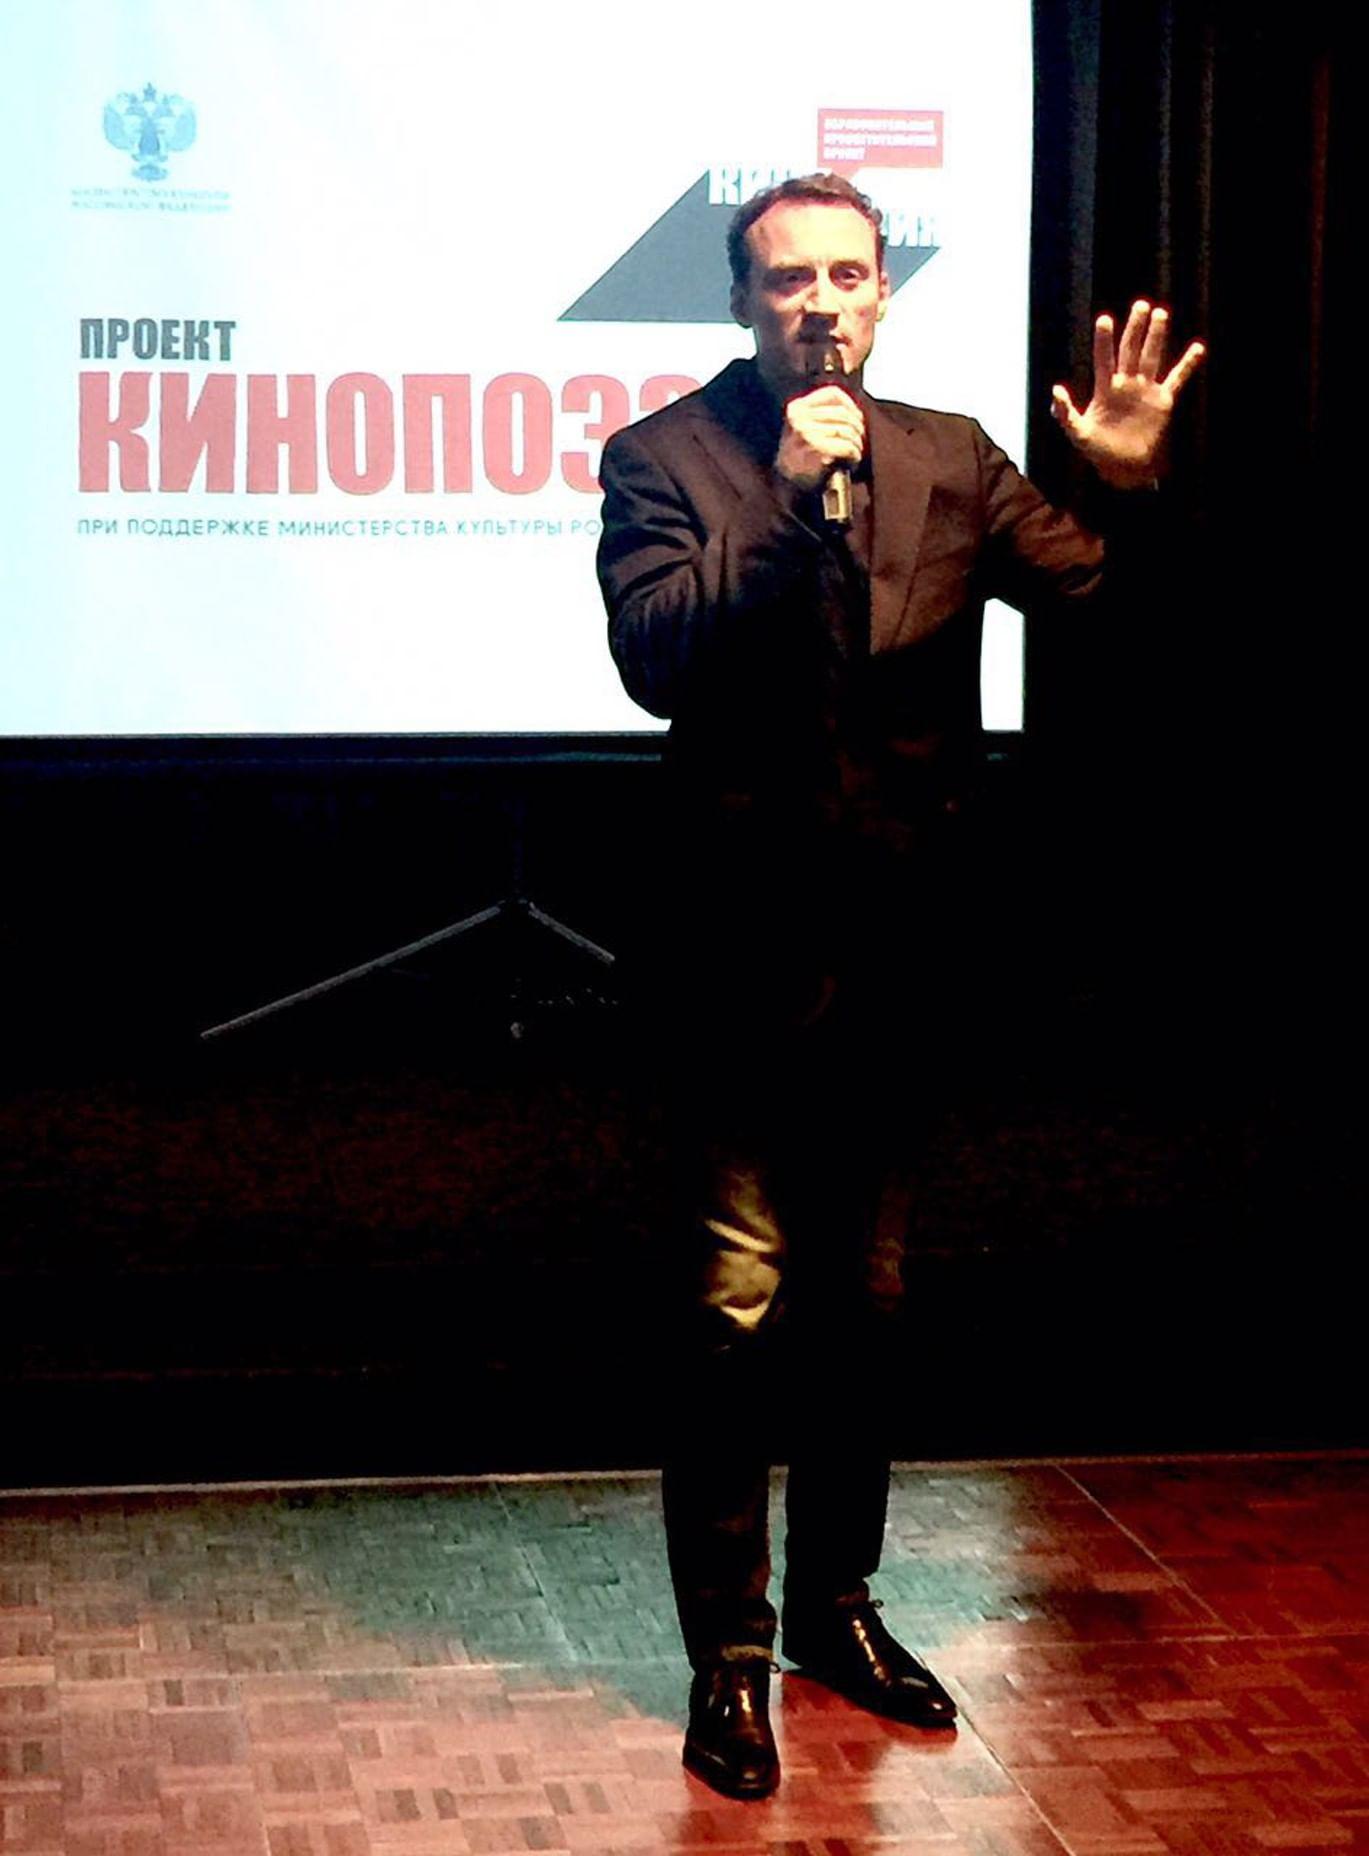 Образовательный и просветительский проект Анатолия Белого «Кинопоэзия»